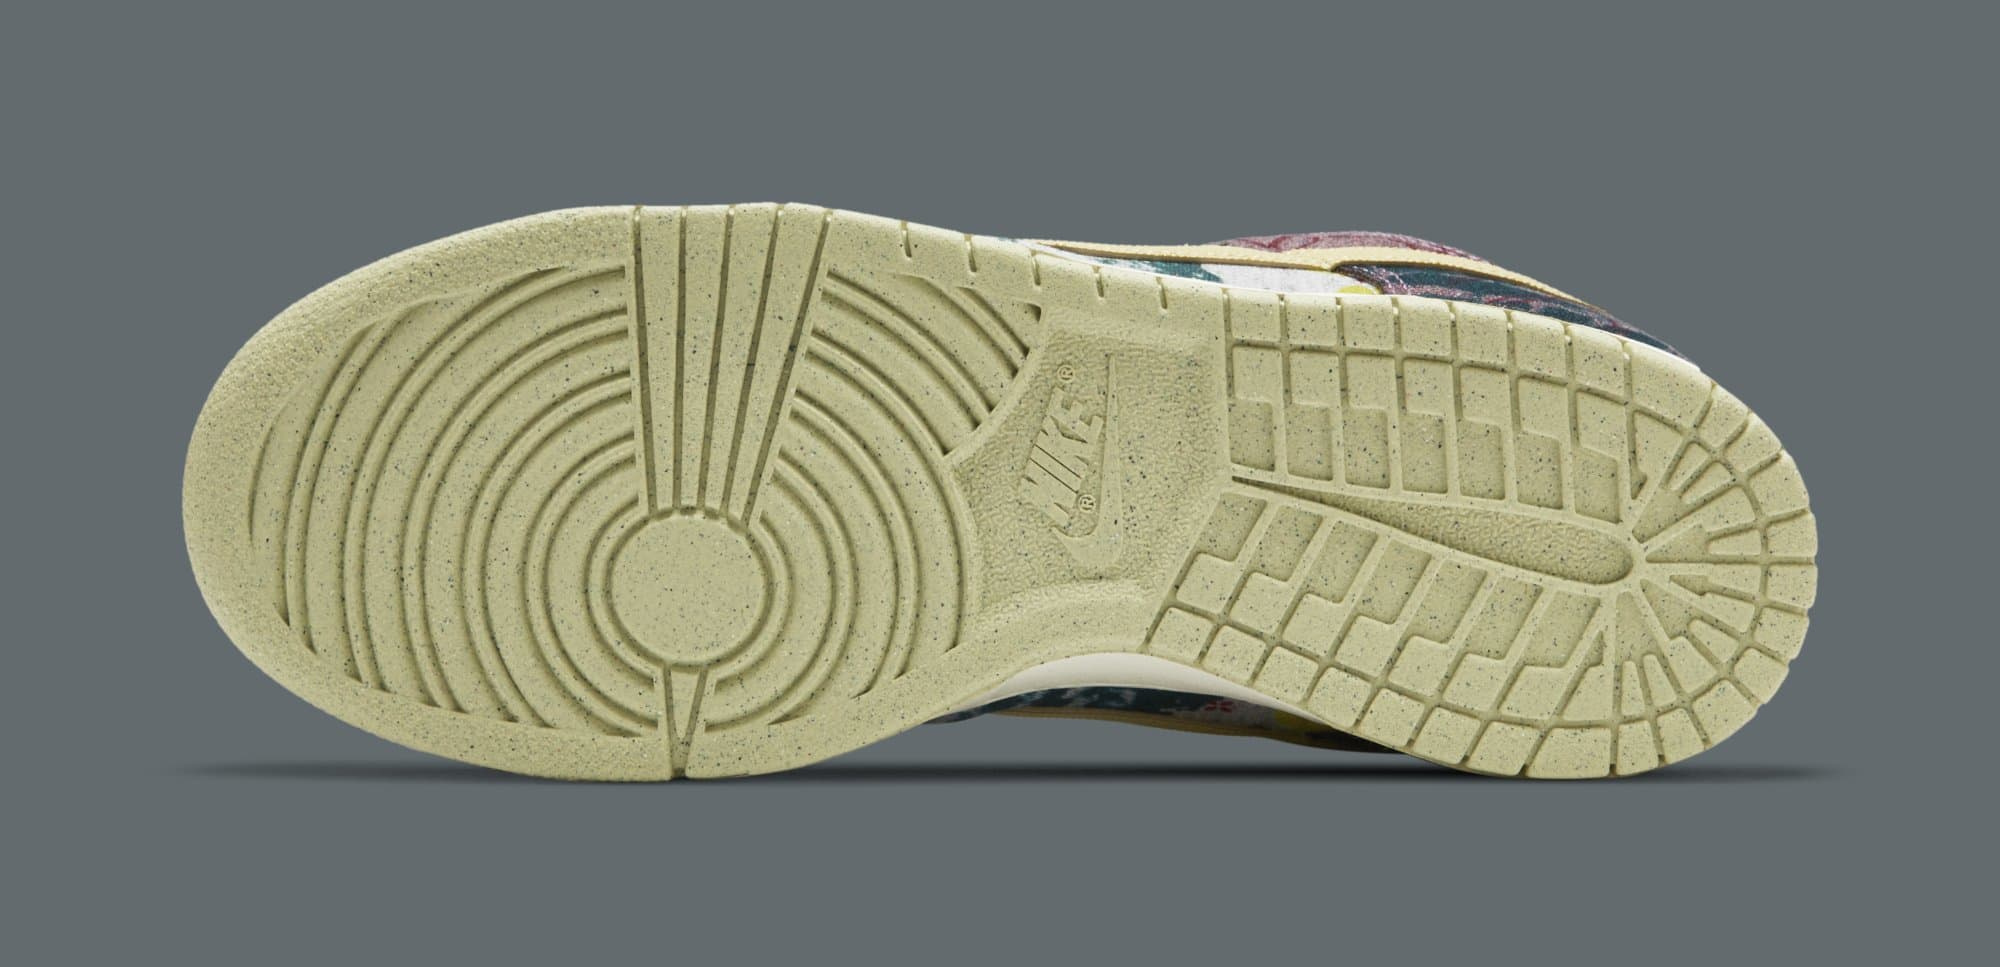 Nike Dunk Low SP 'Lemon Wash' CZ9747-900 Outsole